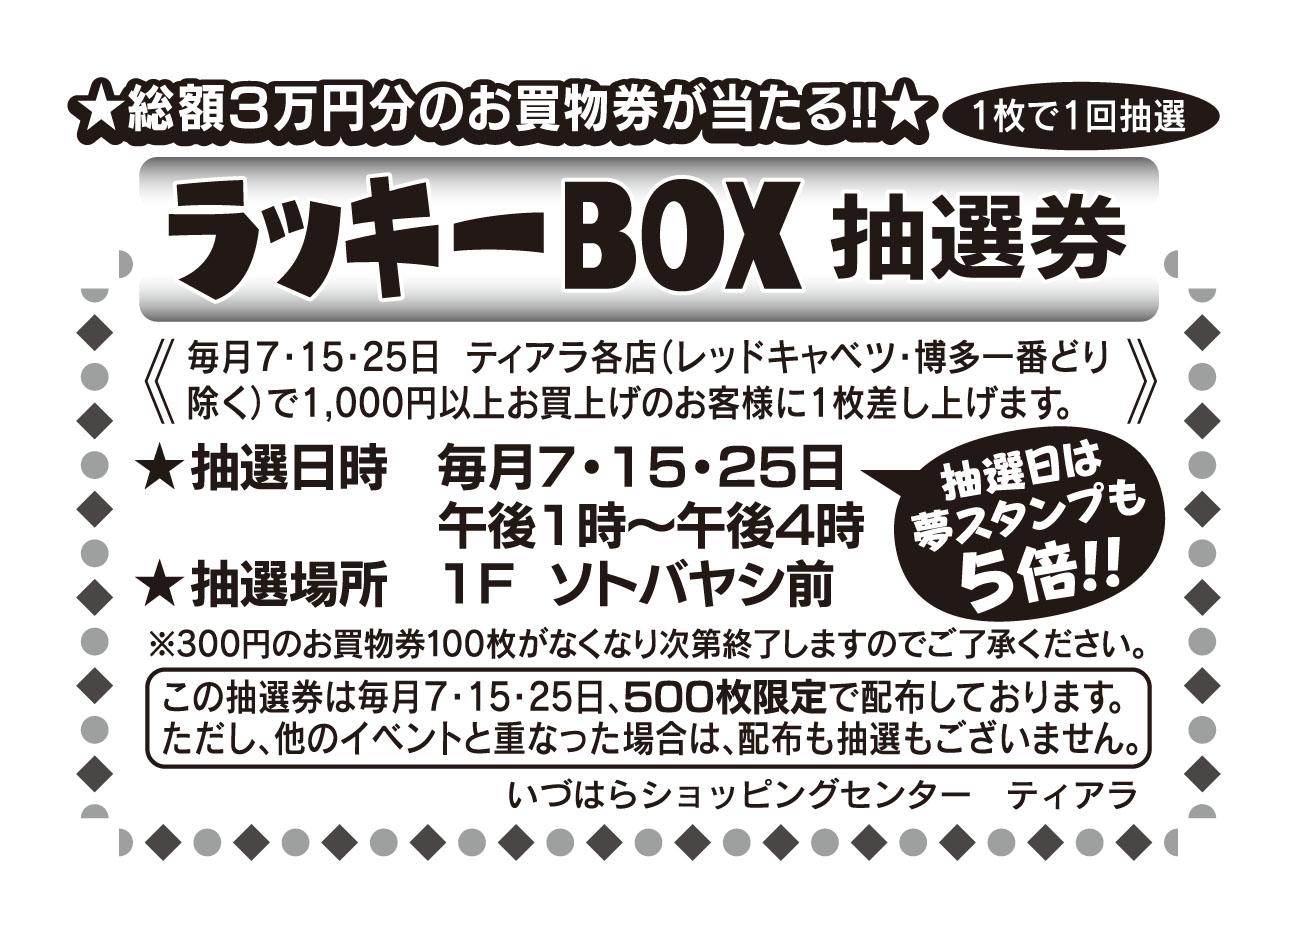 ラッキーBOX抽選券